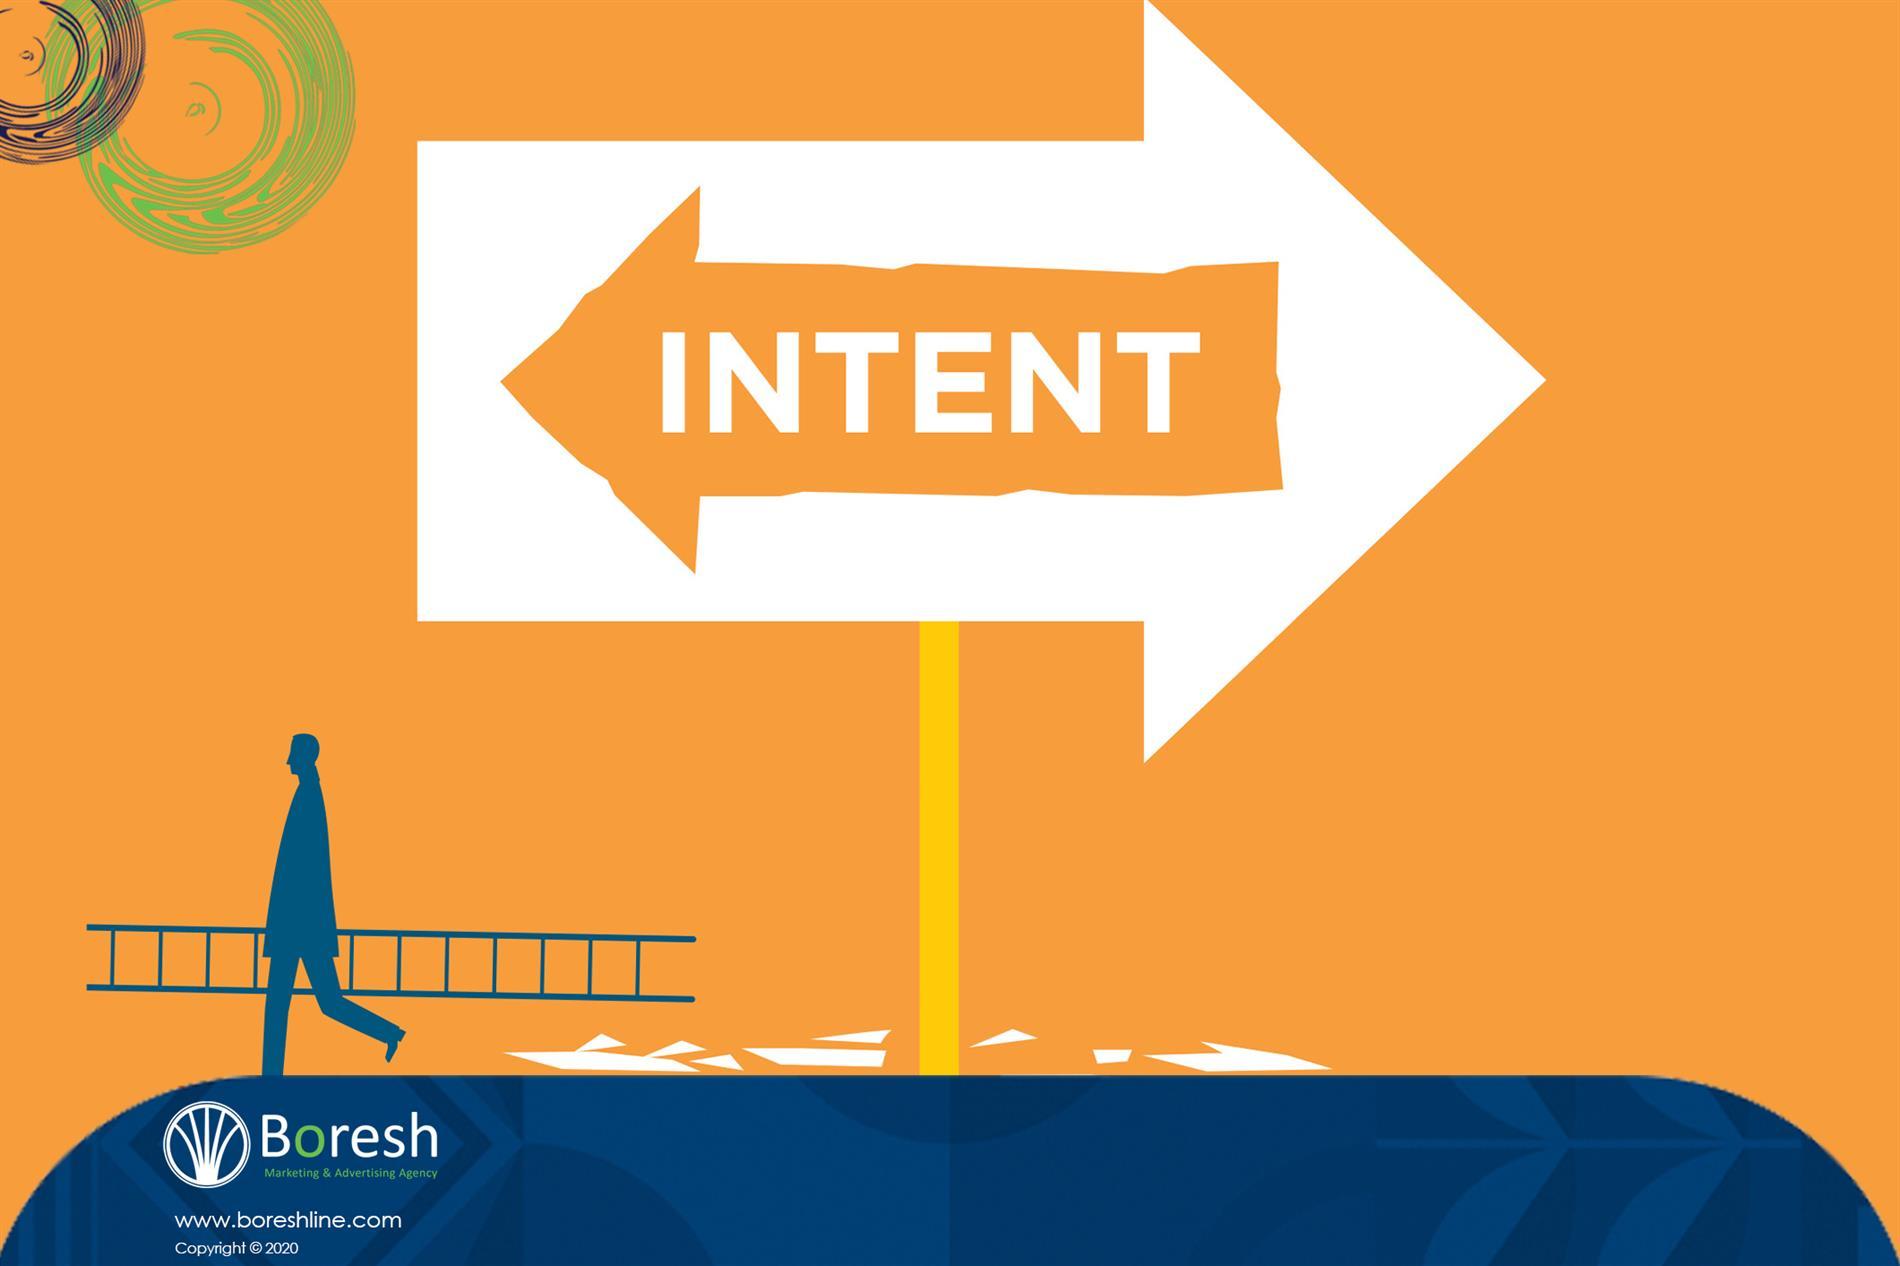 نیت (intent) - گروه برندسازی، تبلیغات،بازاریابی و توسعه کسب و کار برش